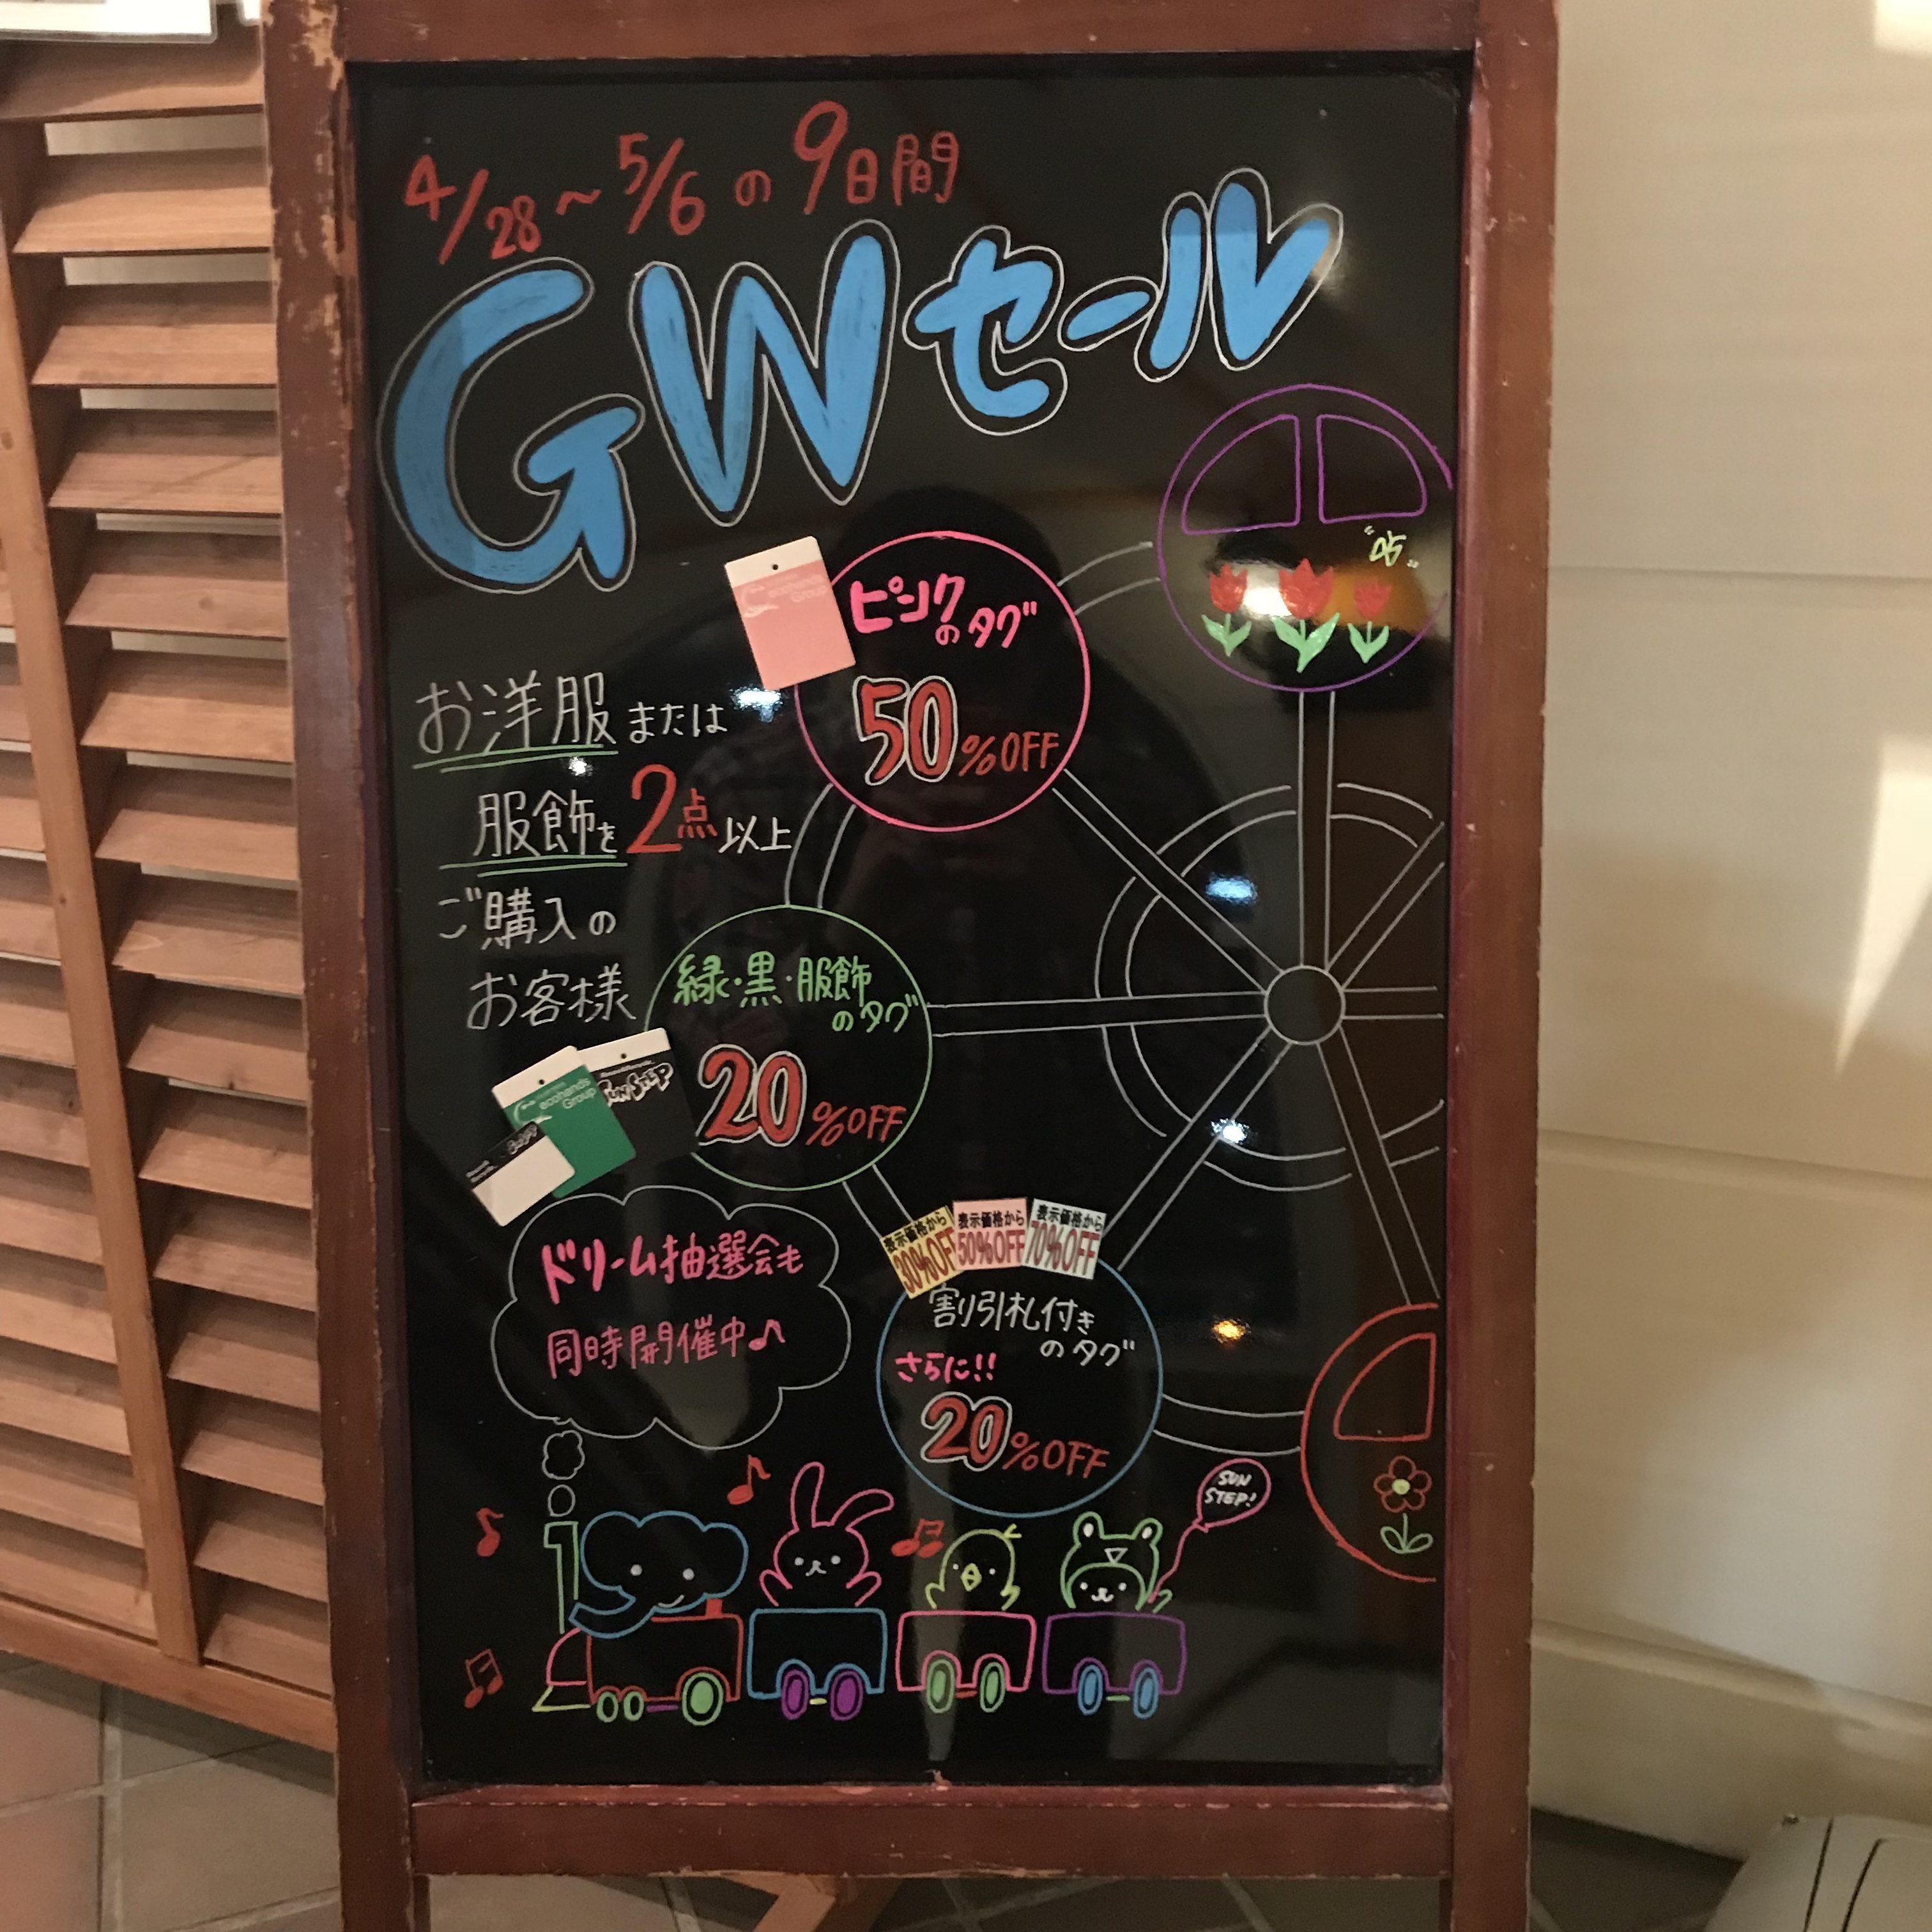 サンステップ南 福井 古着 used GWセール